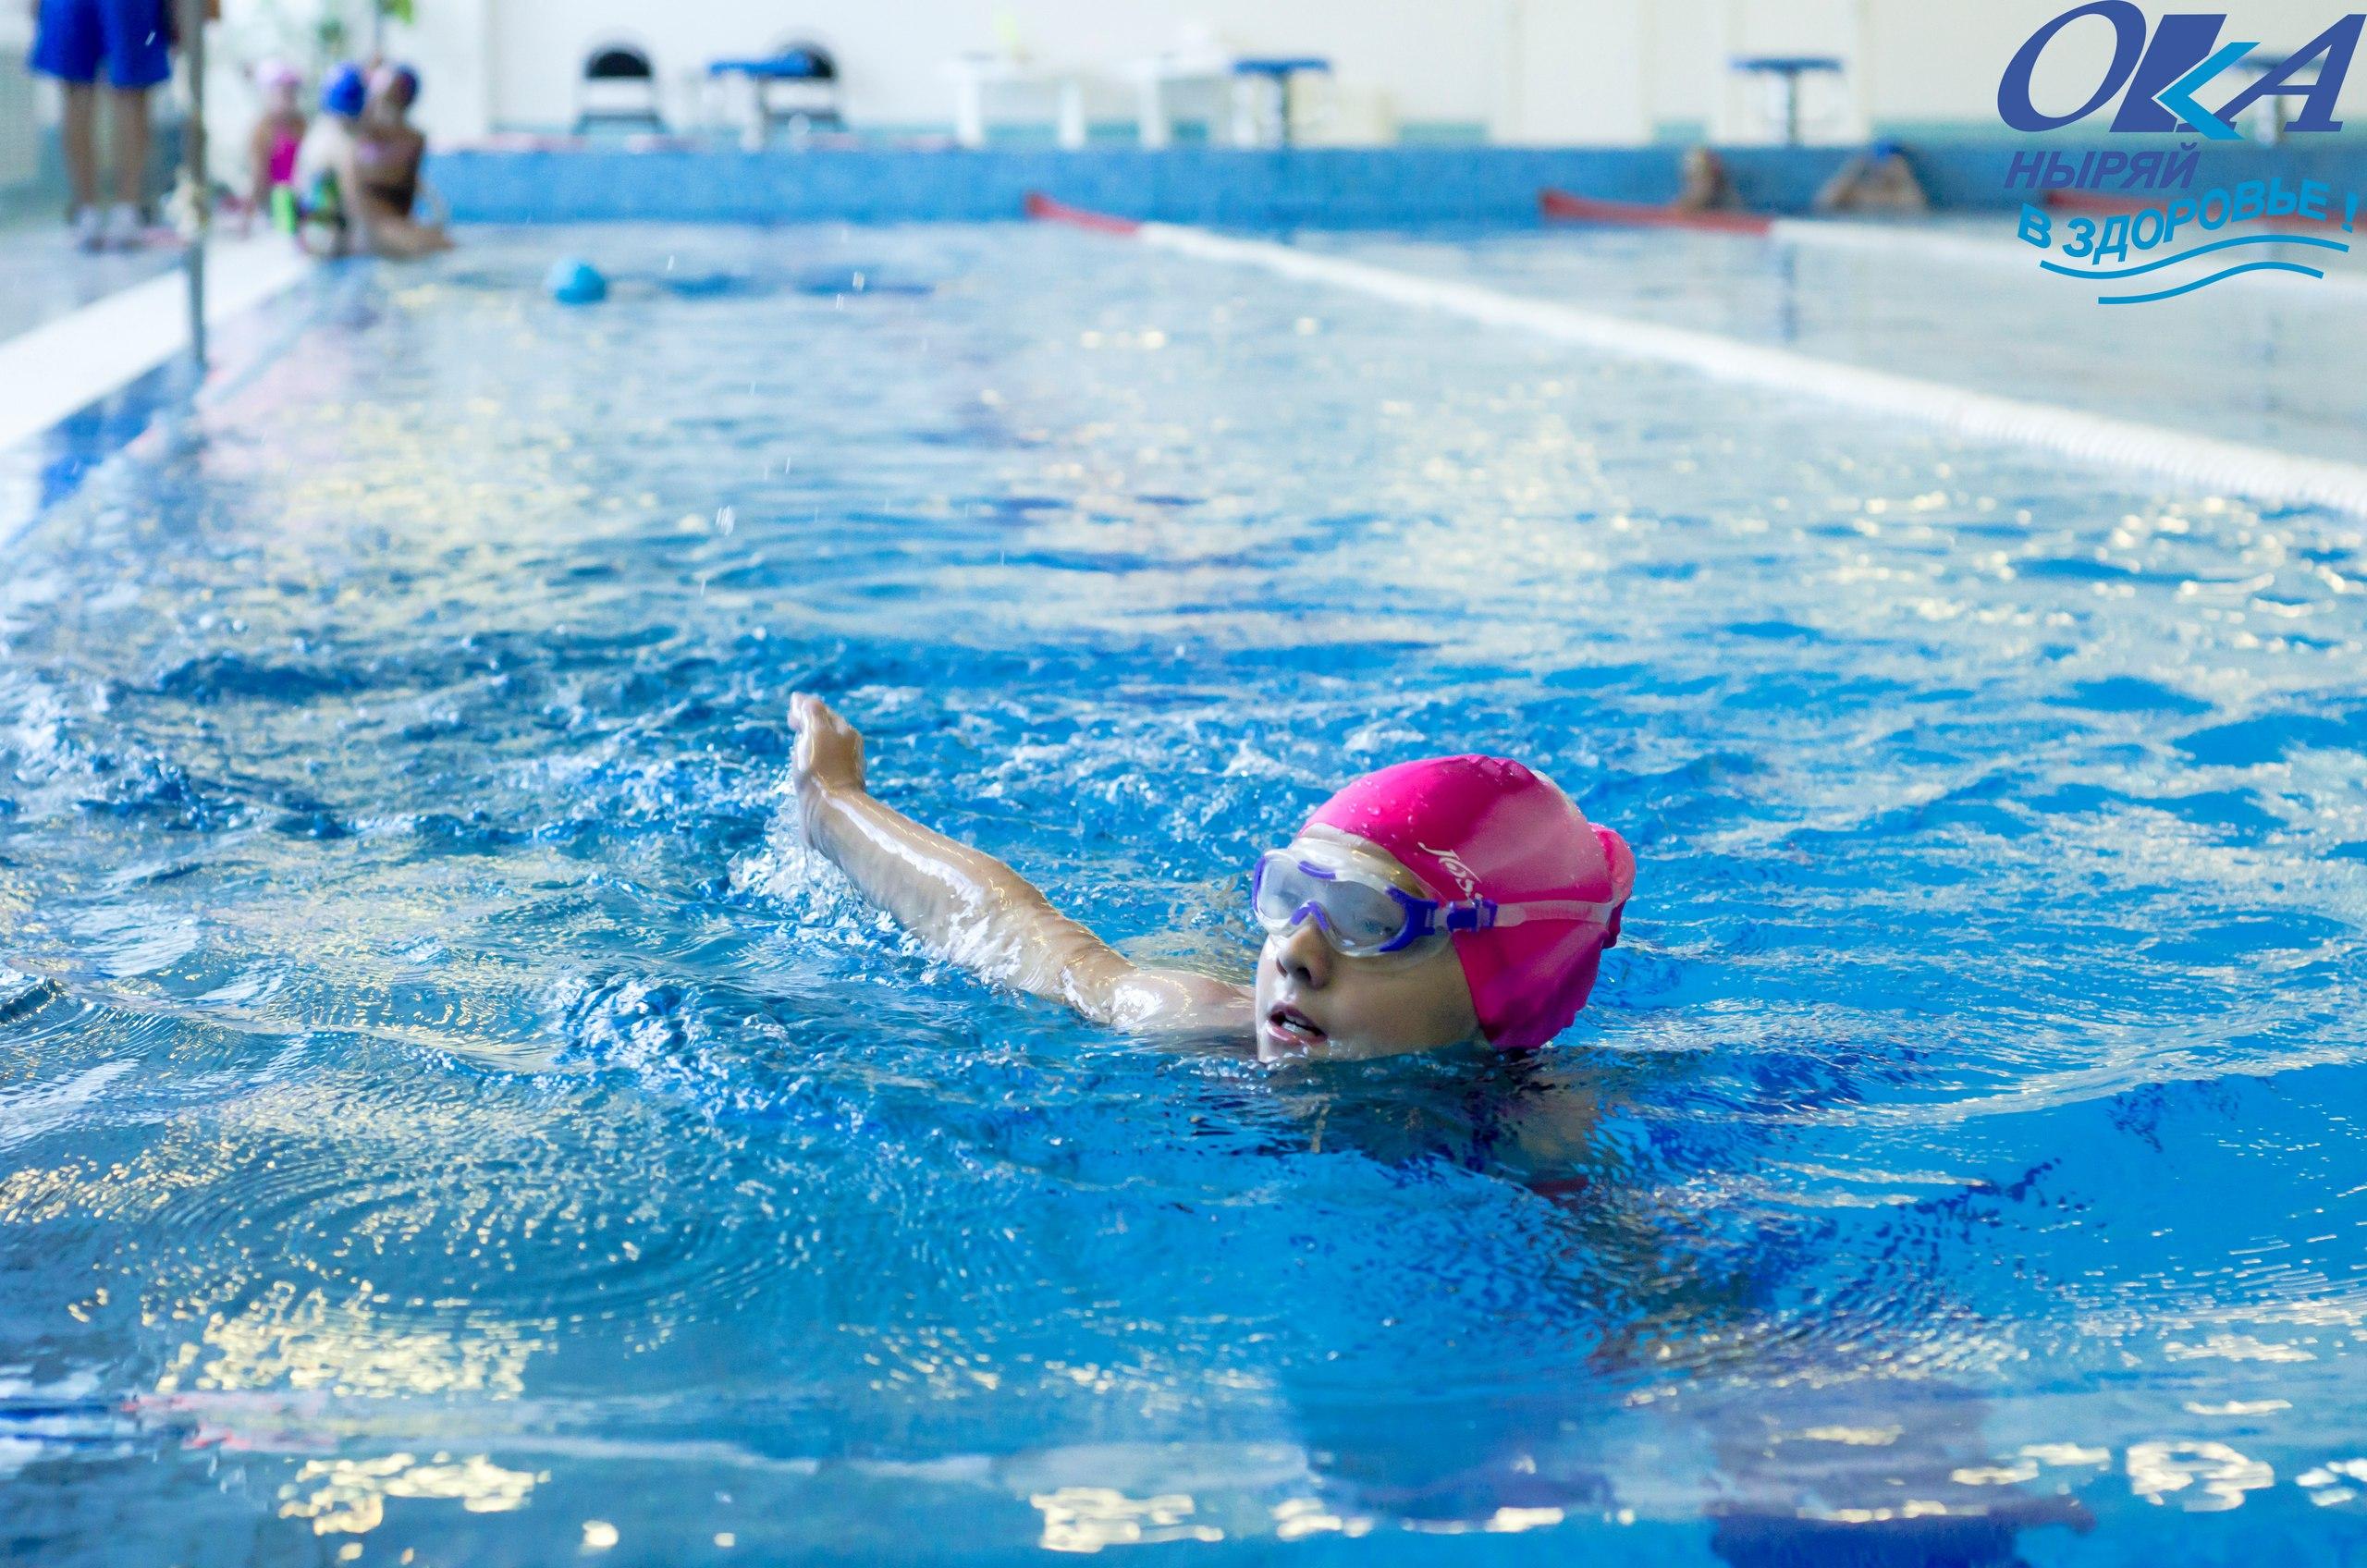 С 1 июня во Дворце спорта «Ока» будут формироваться летние, детские группы оздоровительного плавания (на июль 2021 года)